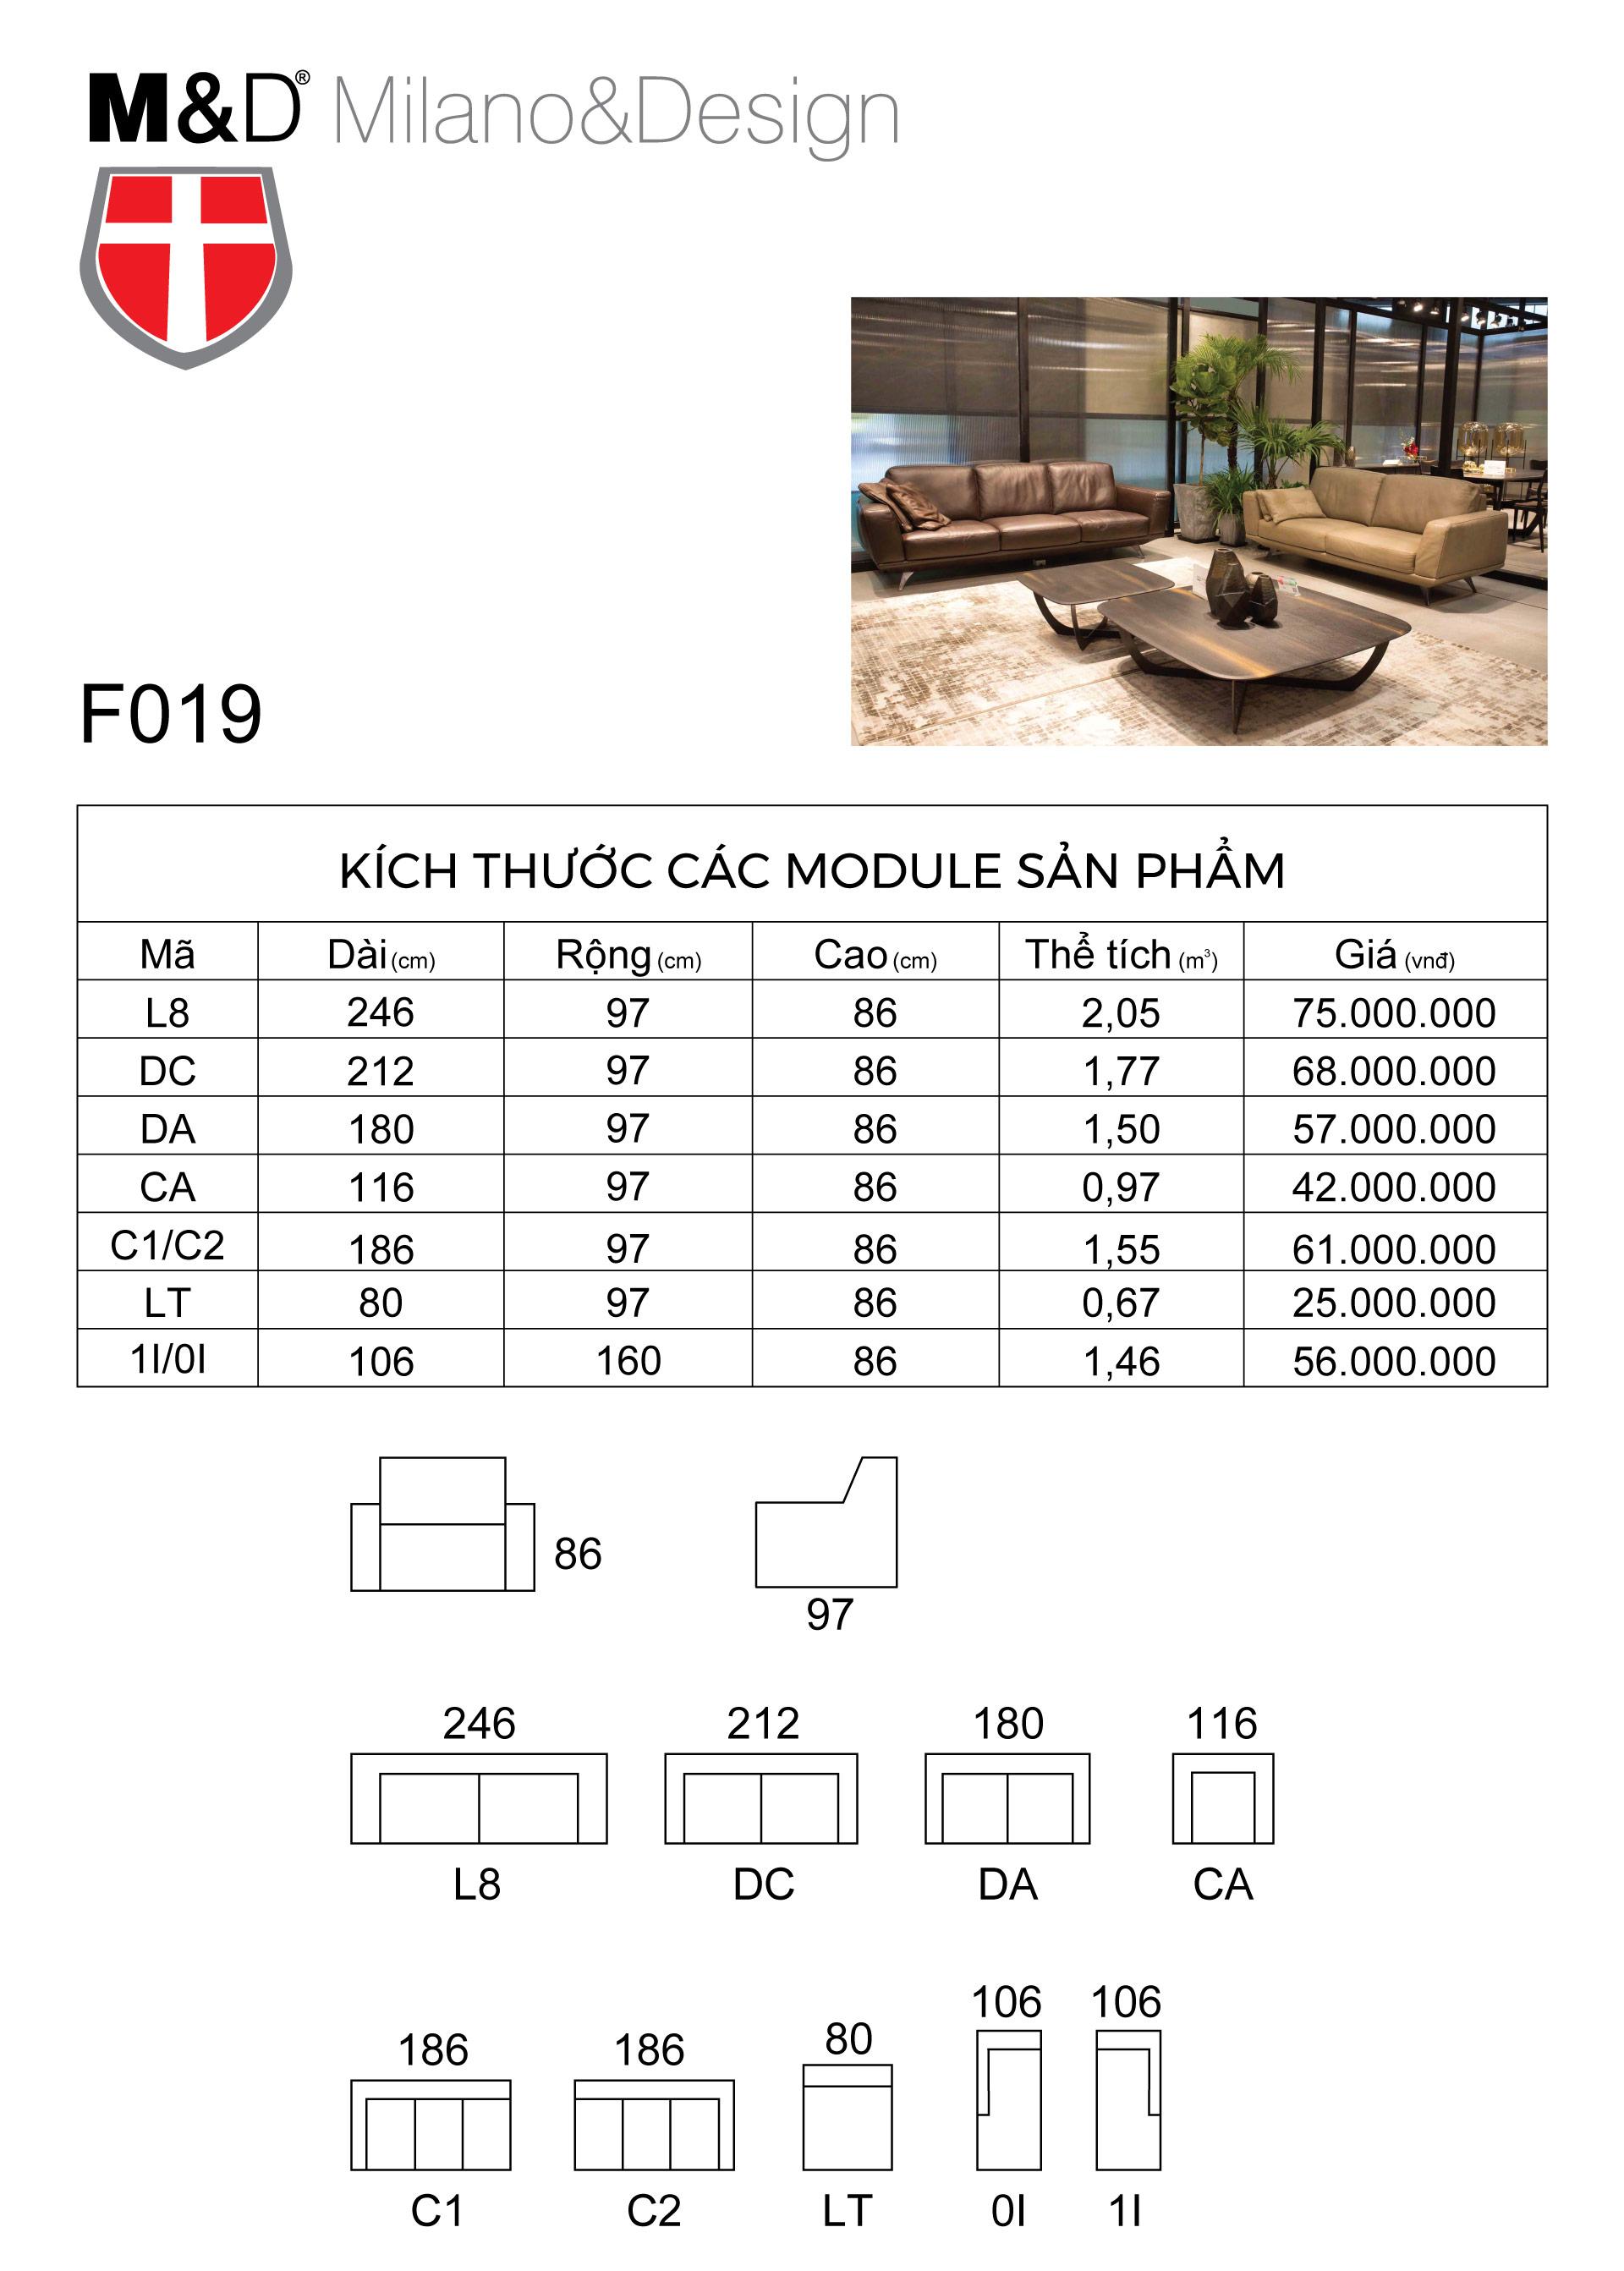 Thông số F019